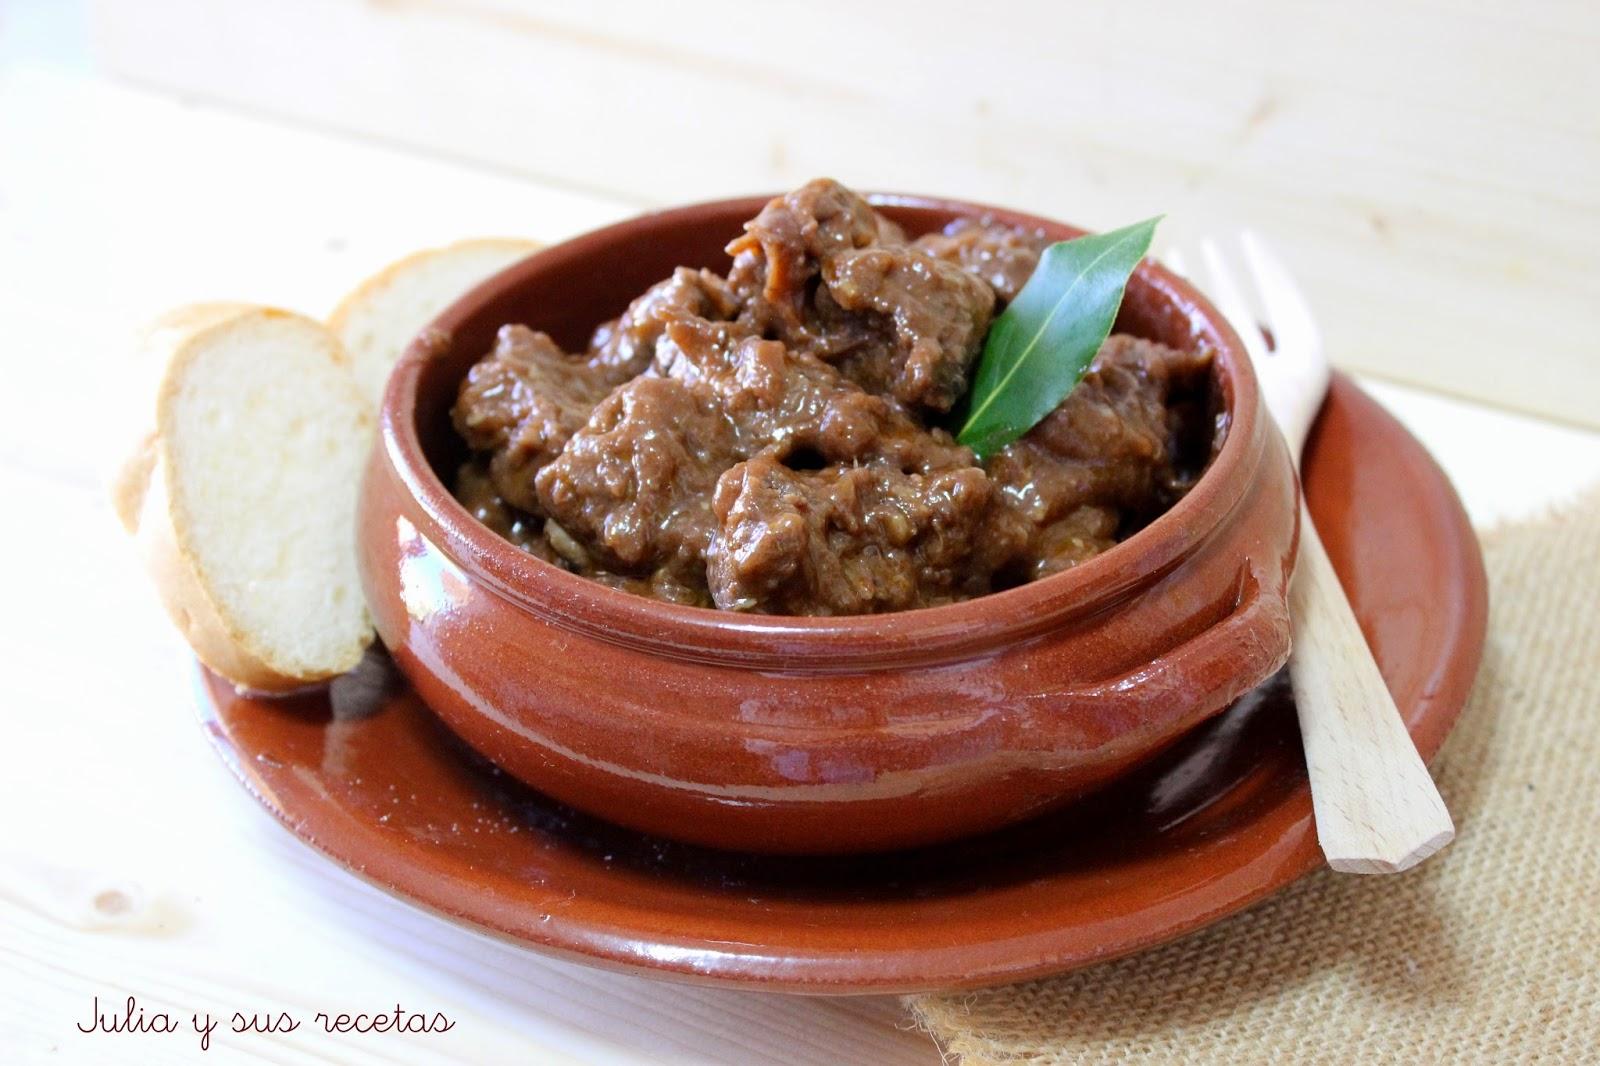 Carne de ciervo estilo El Hoyo. Julia y sus recetas